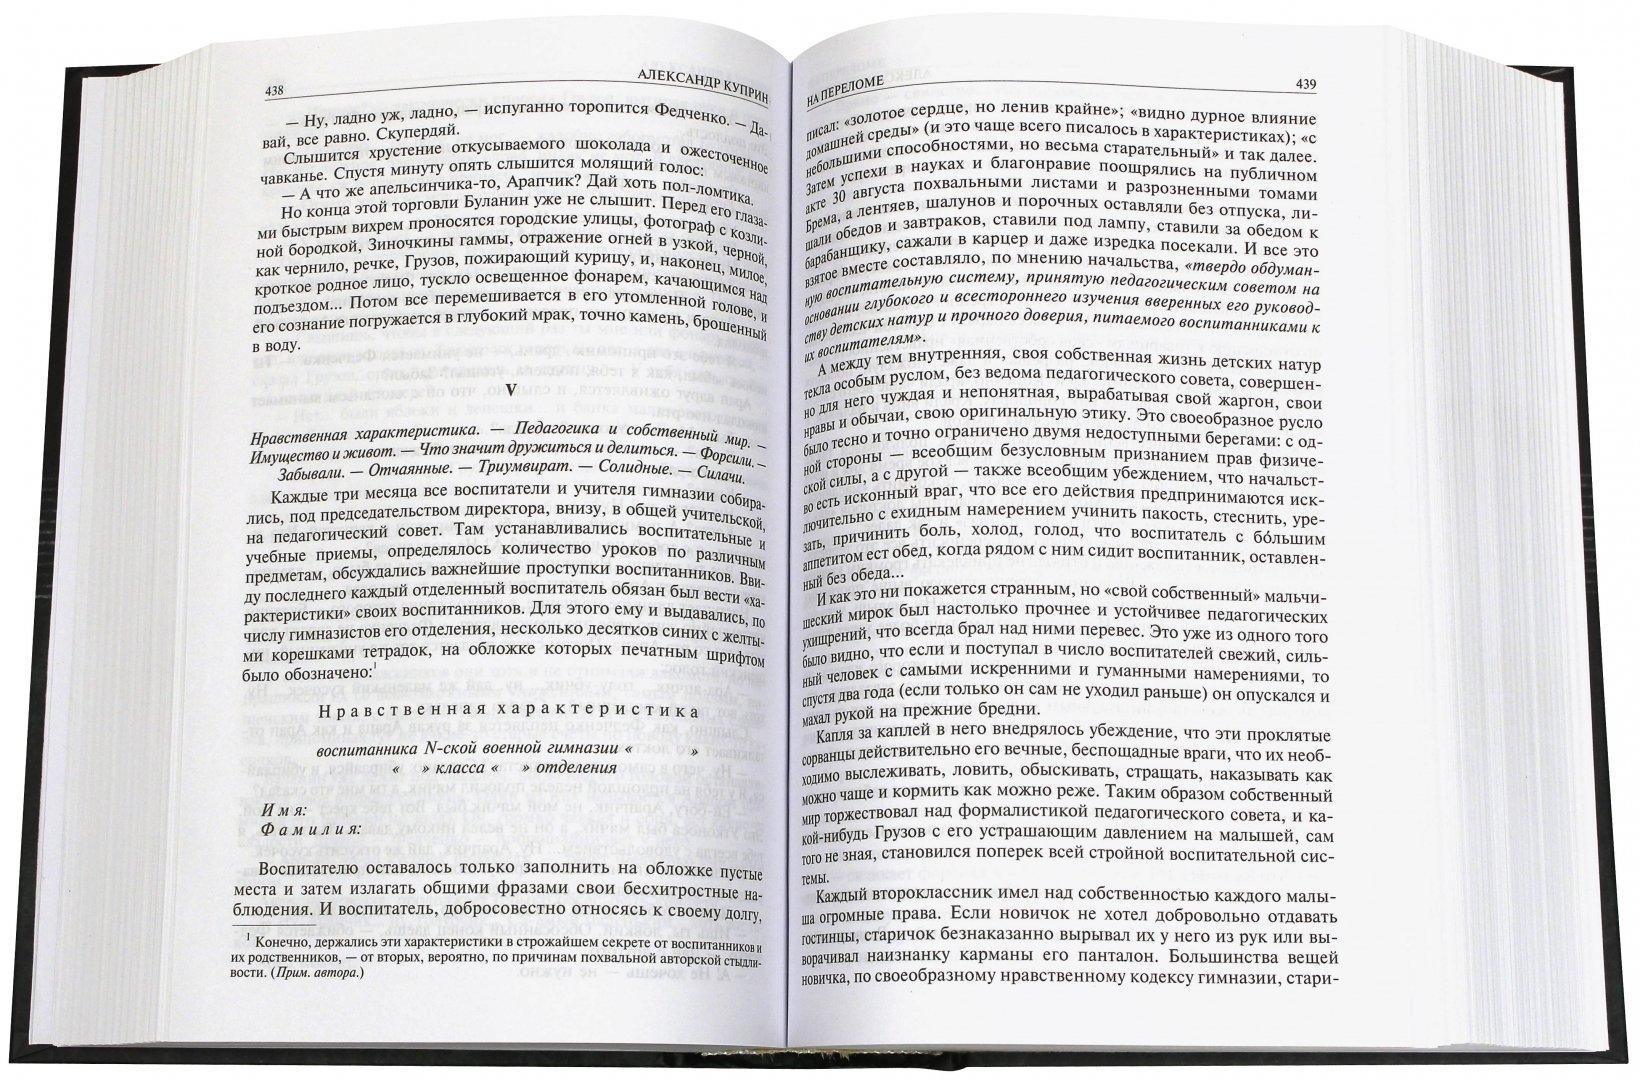 Иллюстрация 1 из 41 для Полное собрание романов и повестей в одном томе - Александр Куприн | Лабиринт - книги. Источник: Лабиринт